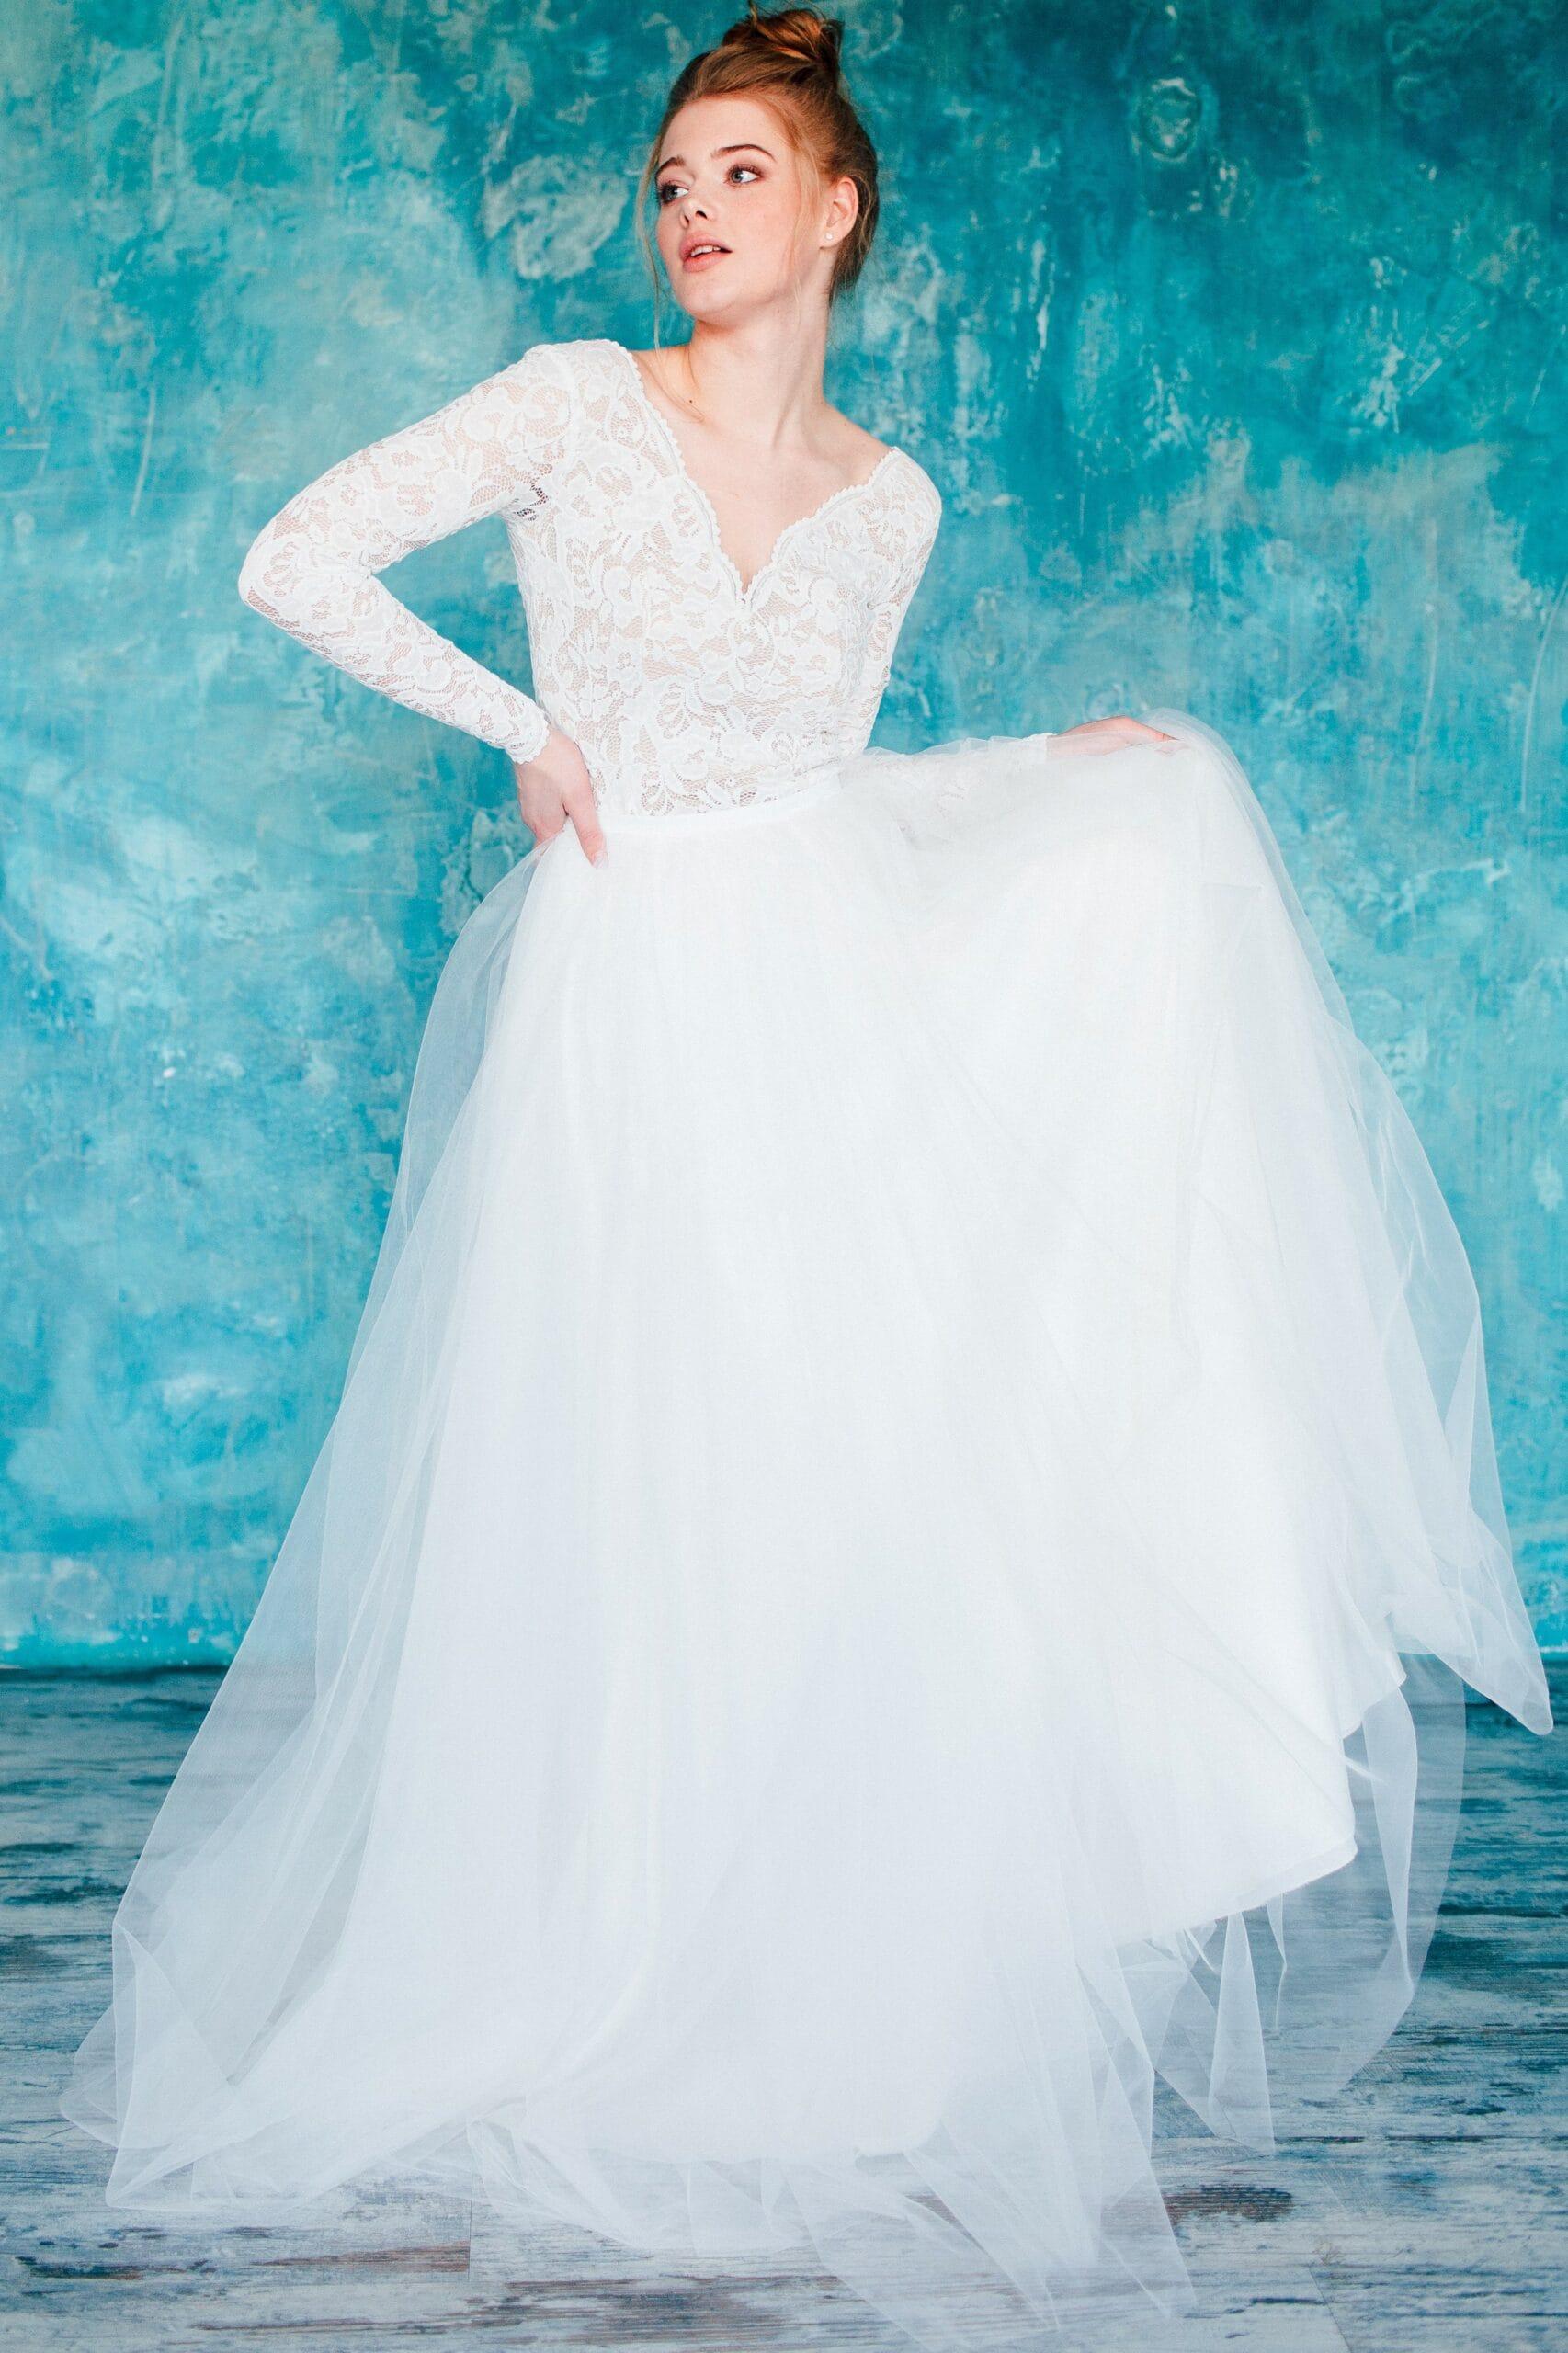 Свадебное платье SARIELA, коллекция THE ANGELS, бренд RARE BRIDAL, фото 3